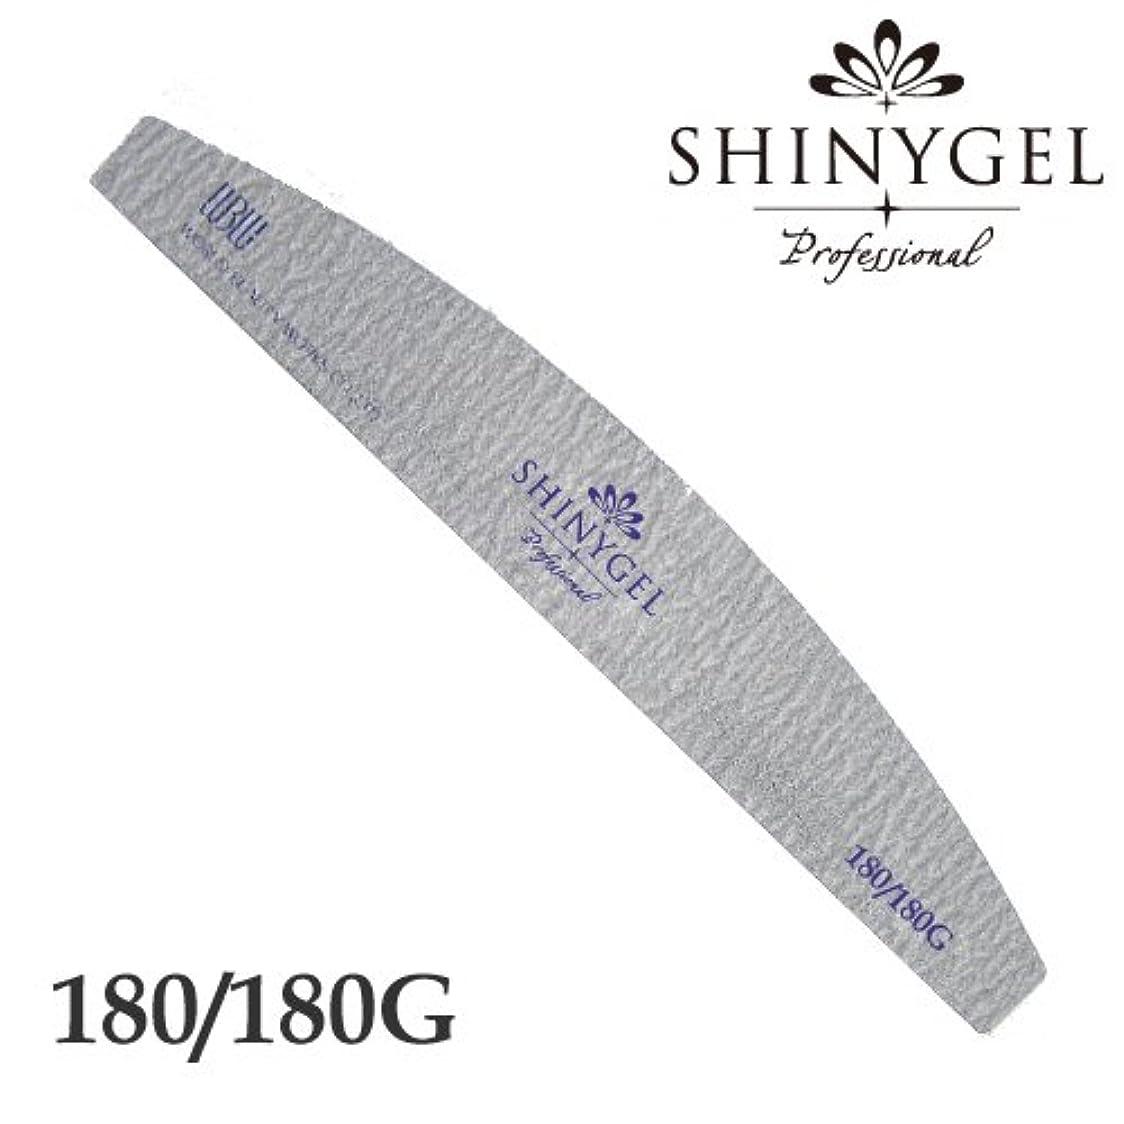 遅滞神秘的な防ぐSHINYGEL Professional シャイニージェルプロフェッショナル ゼブラファイル ホワイト(アーチ型) 180/180G ジェルネイル 爪やすり